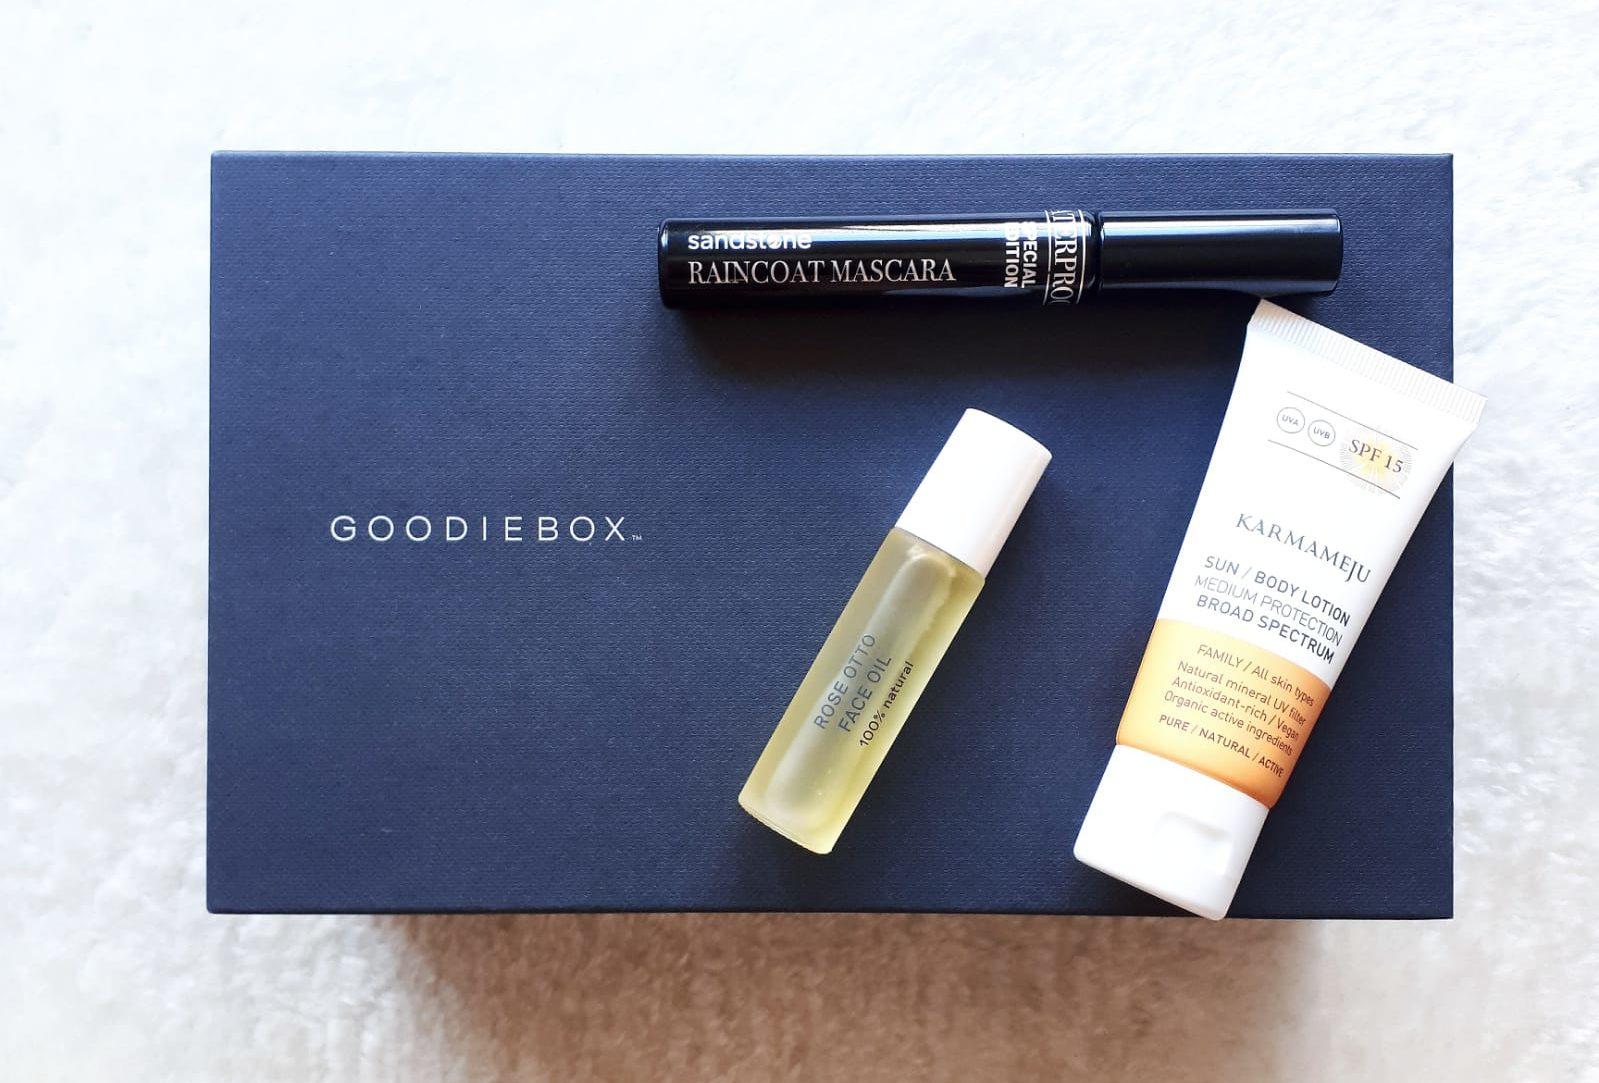 Unboxing Goodiebox (juni 2020): mijn eerste Goodiebox!